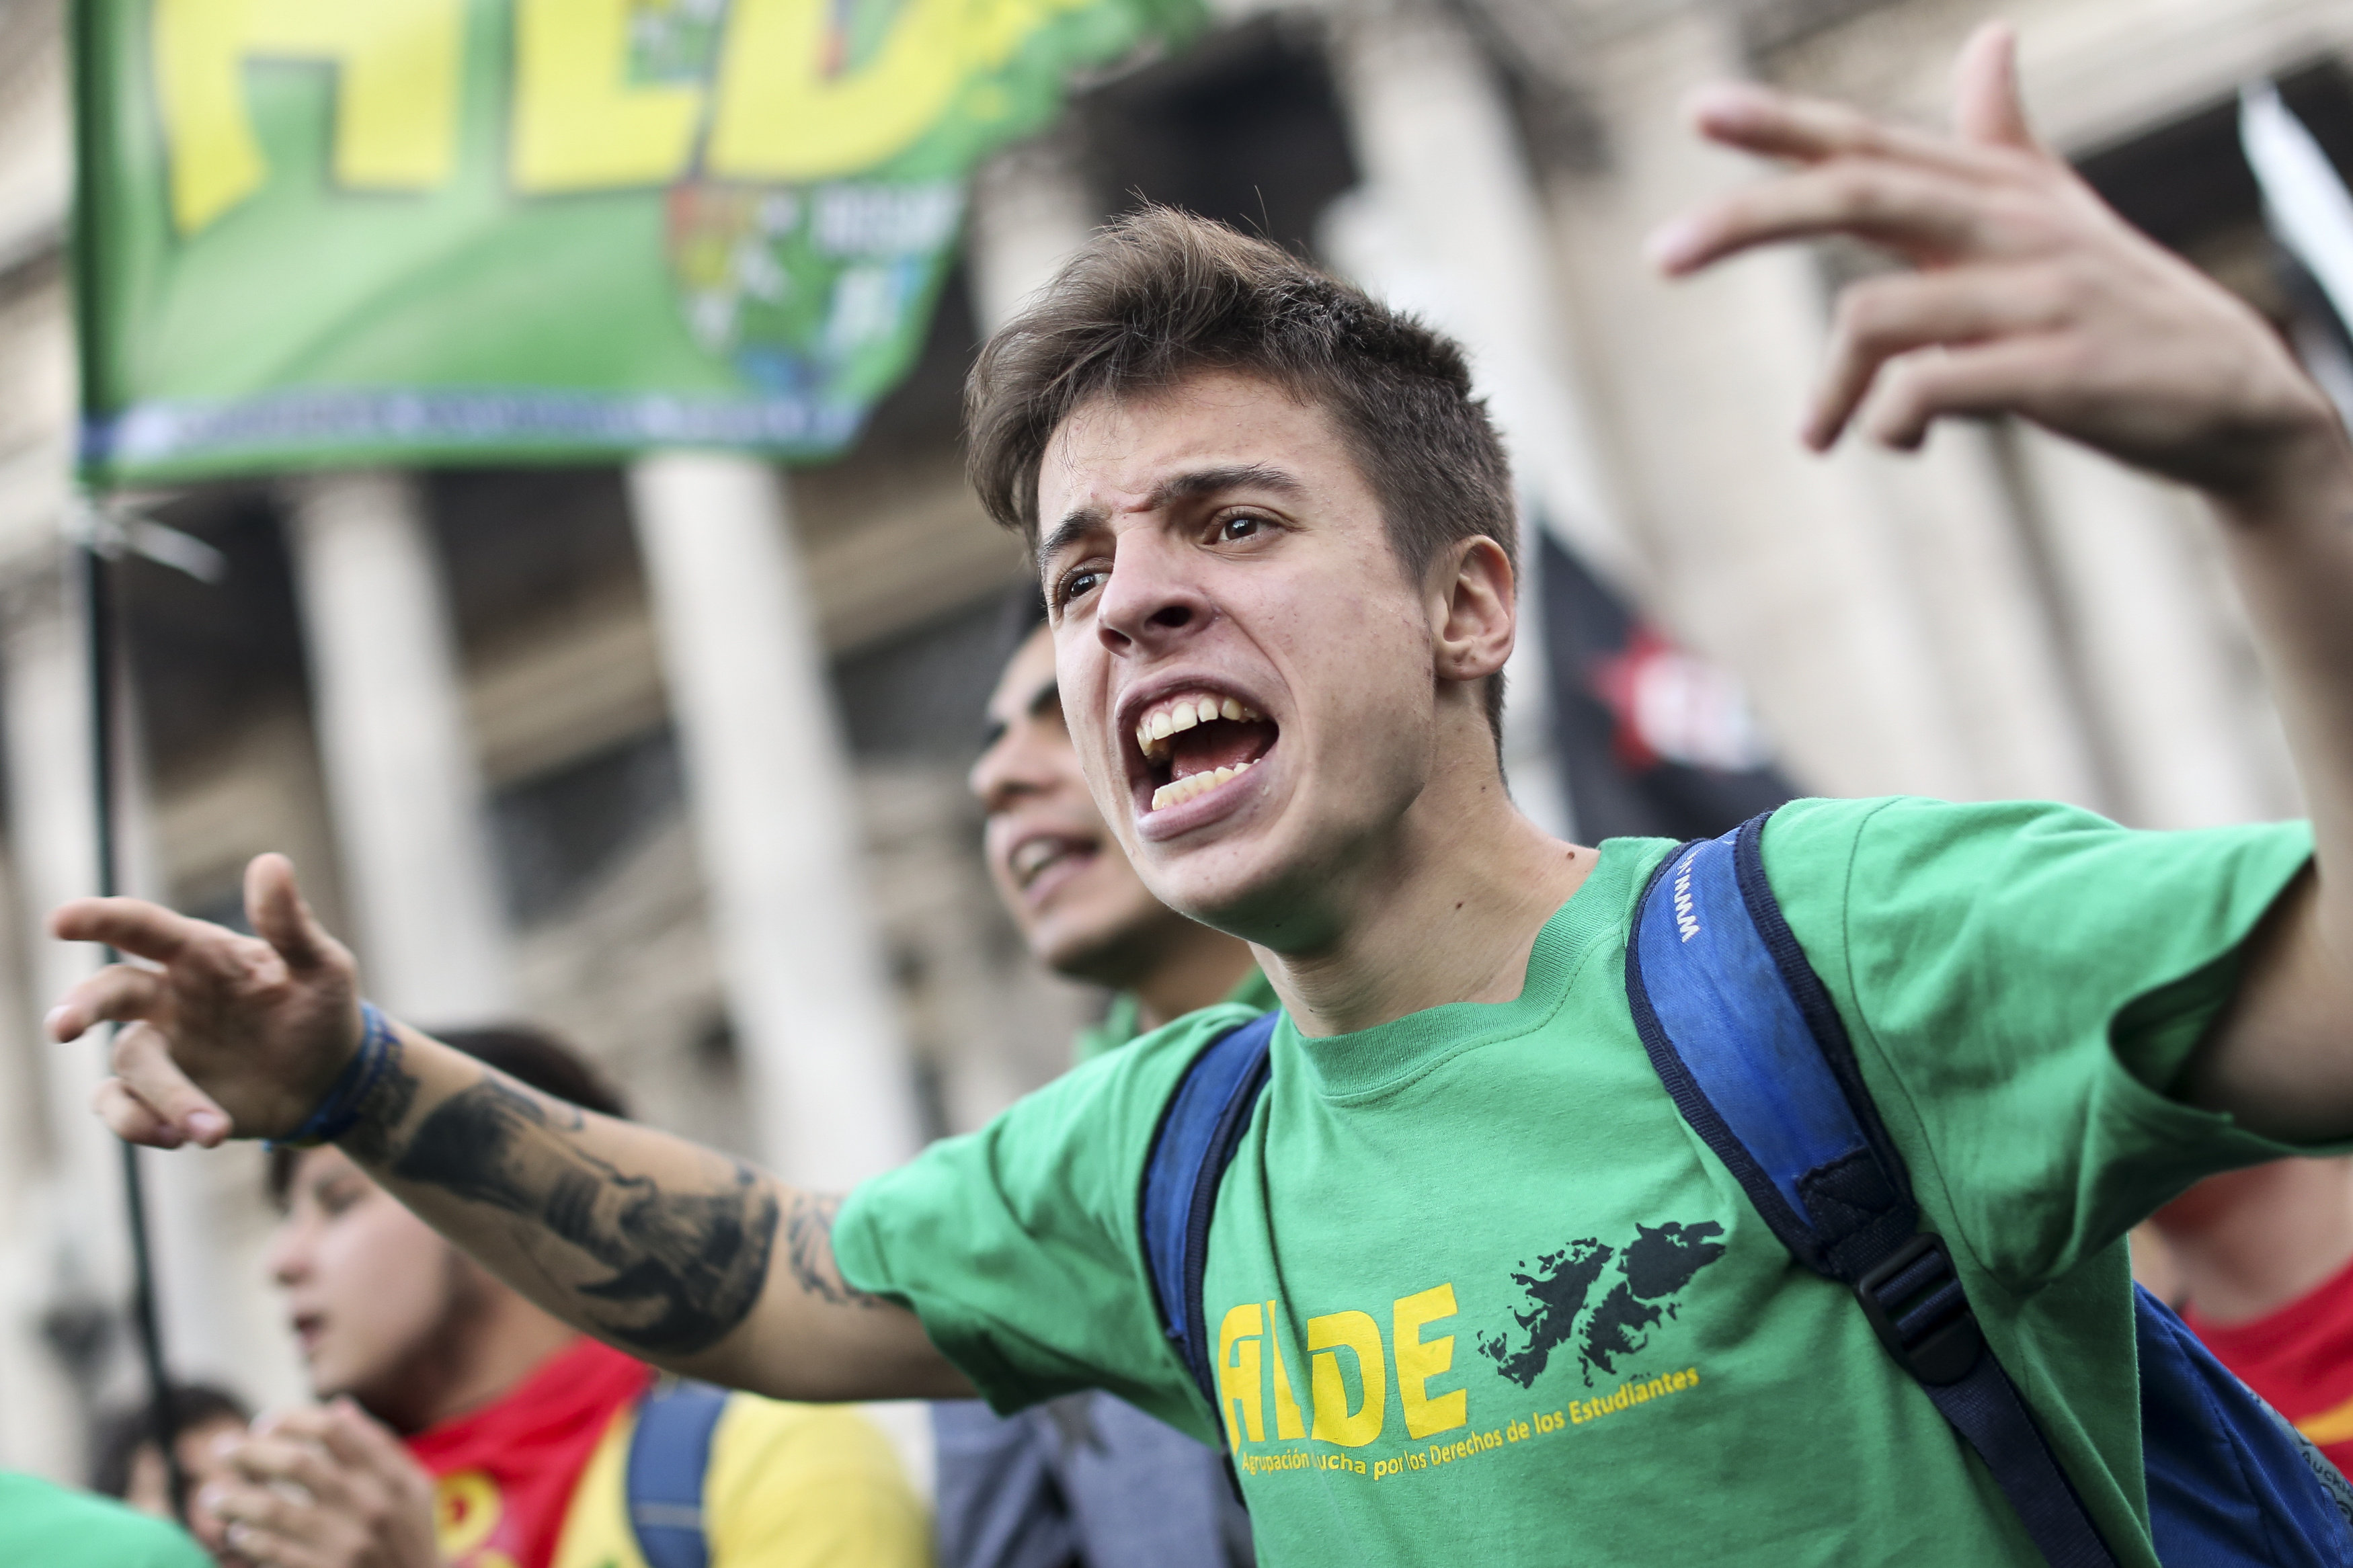 Centenars d'estudiants participen en una marxa universitària en el centre de Buenos Aires (Argentina). /DAVID FERNÁNDEZ